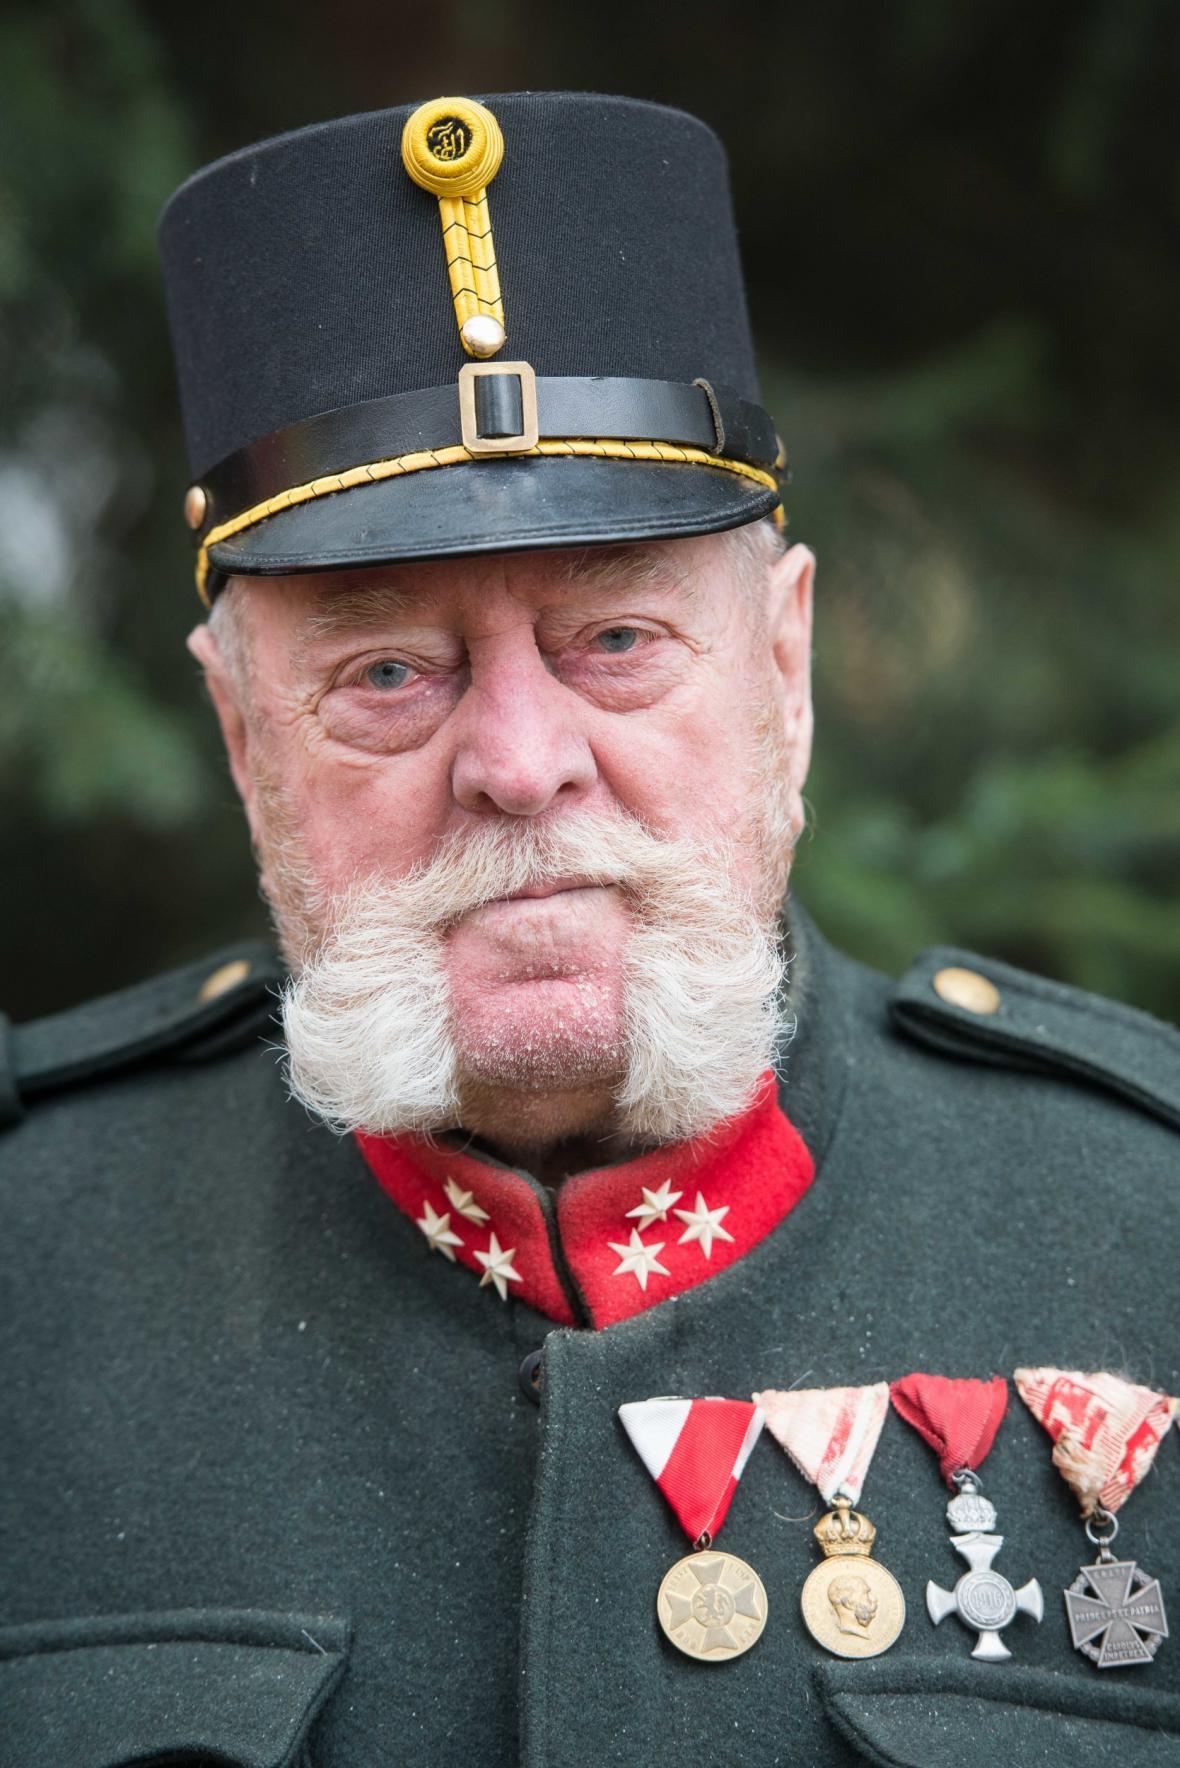 Herec představující císaře Františka Josefa I. byl mezi účastníky oslav ukončení války a výročí 100 let ČSR v Jablonci nad Nisou